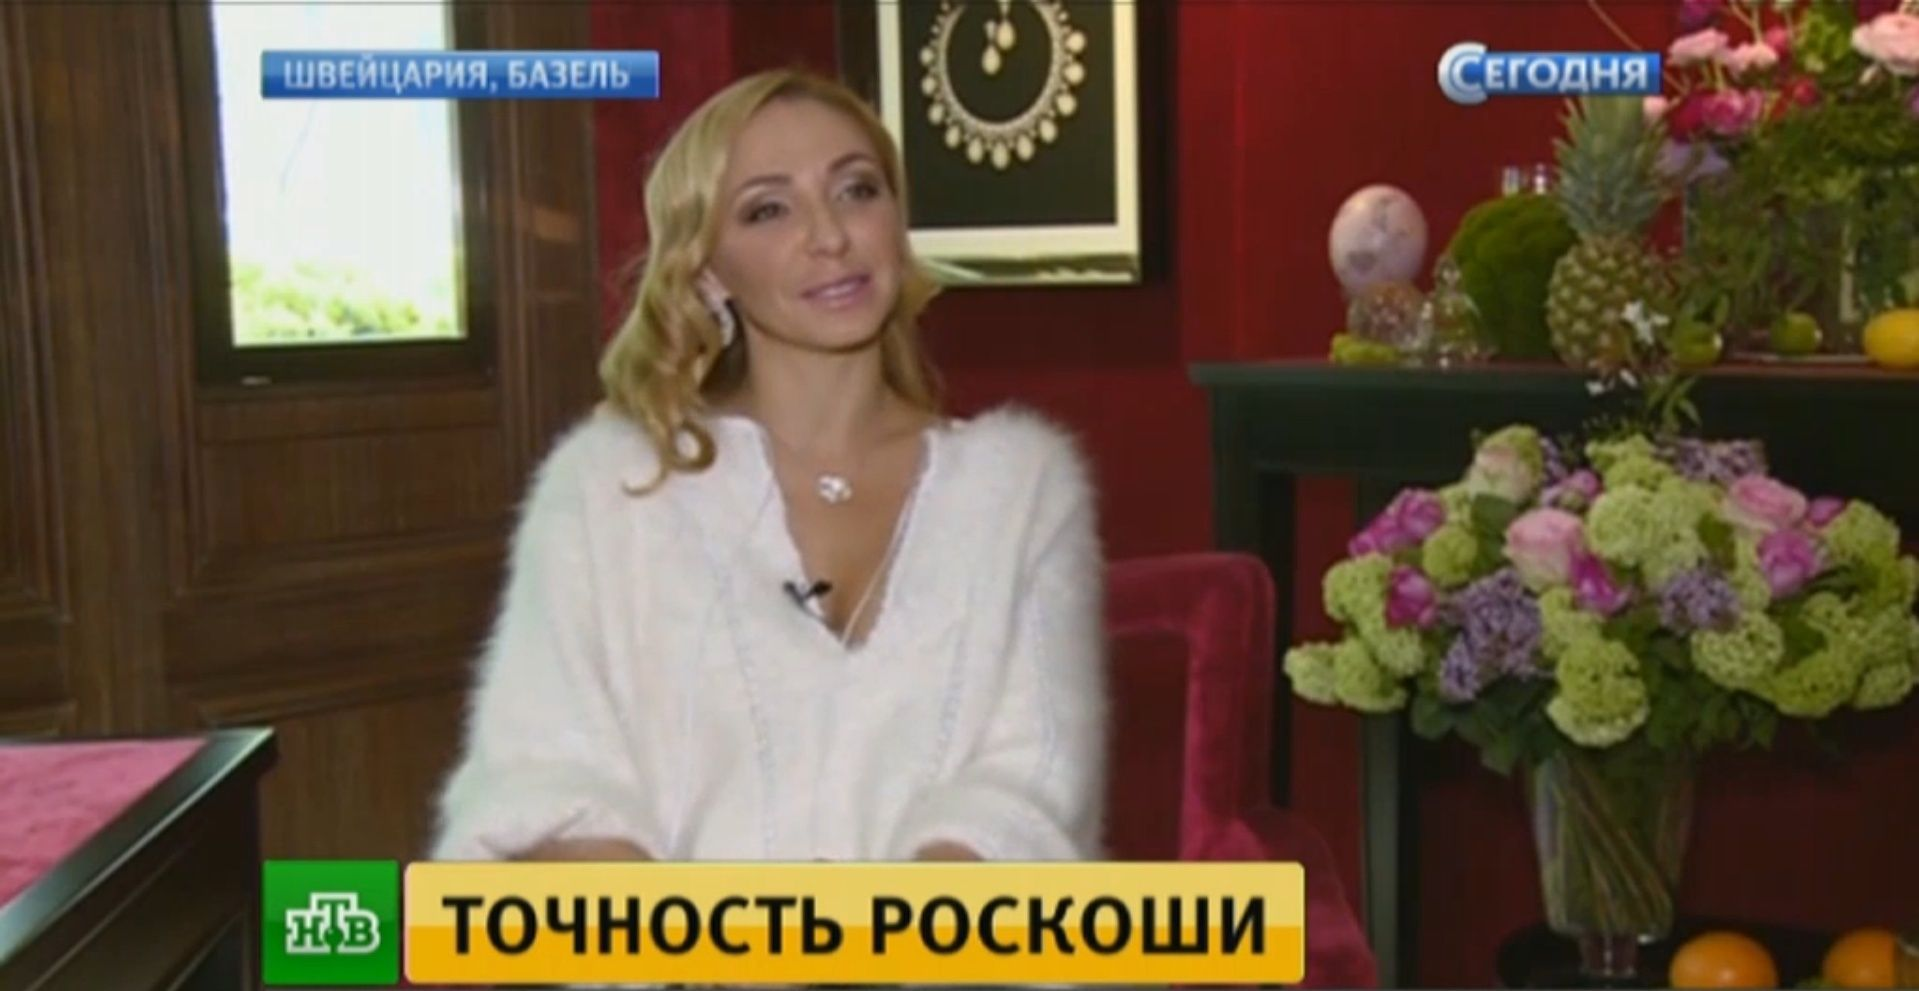 Татьяна Навка - официальный посол бренда Chopard 2016-011